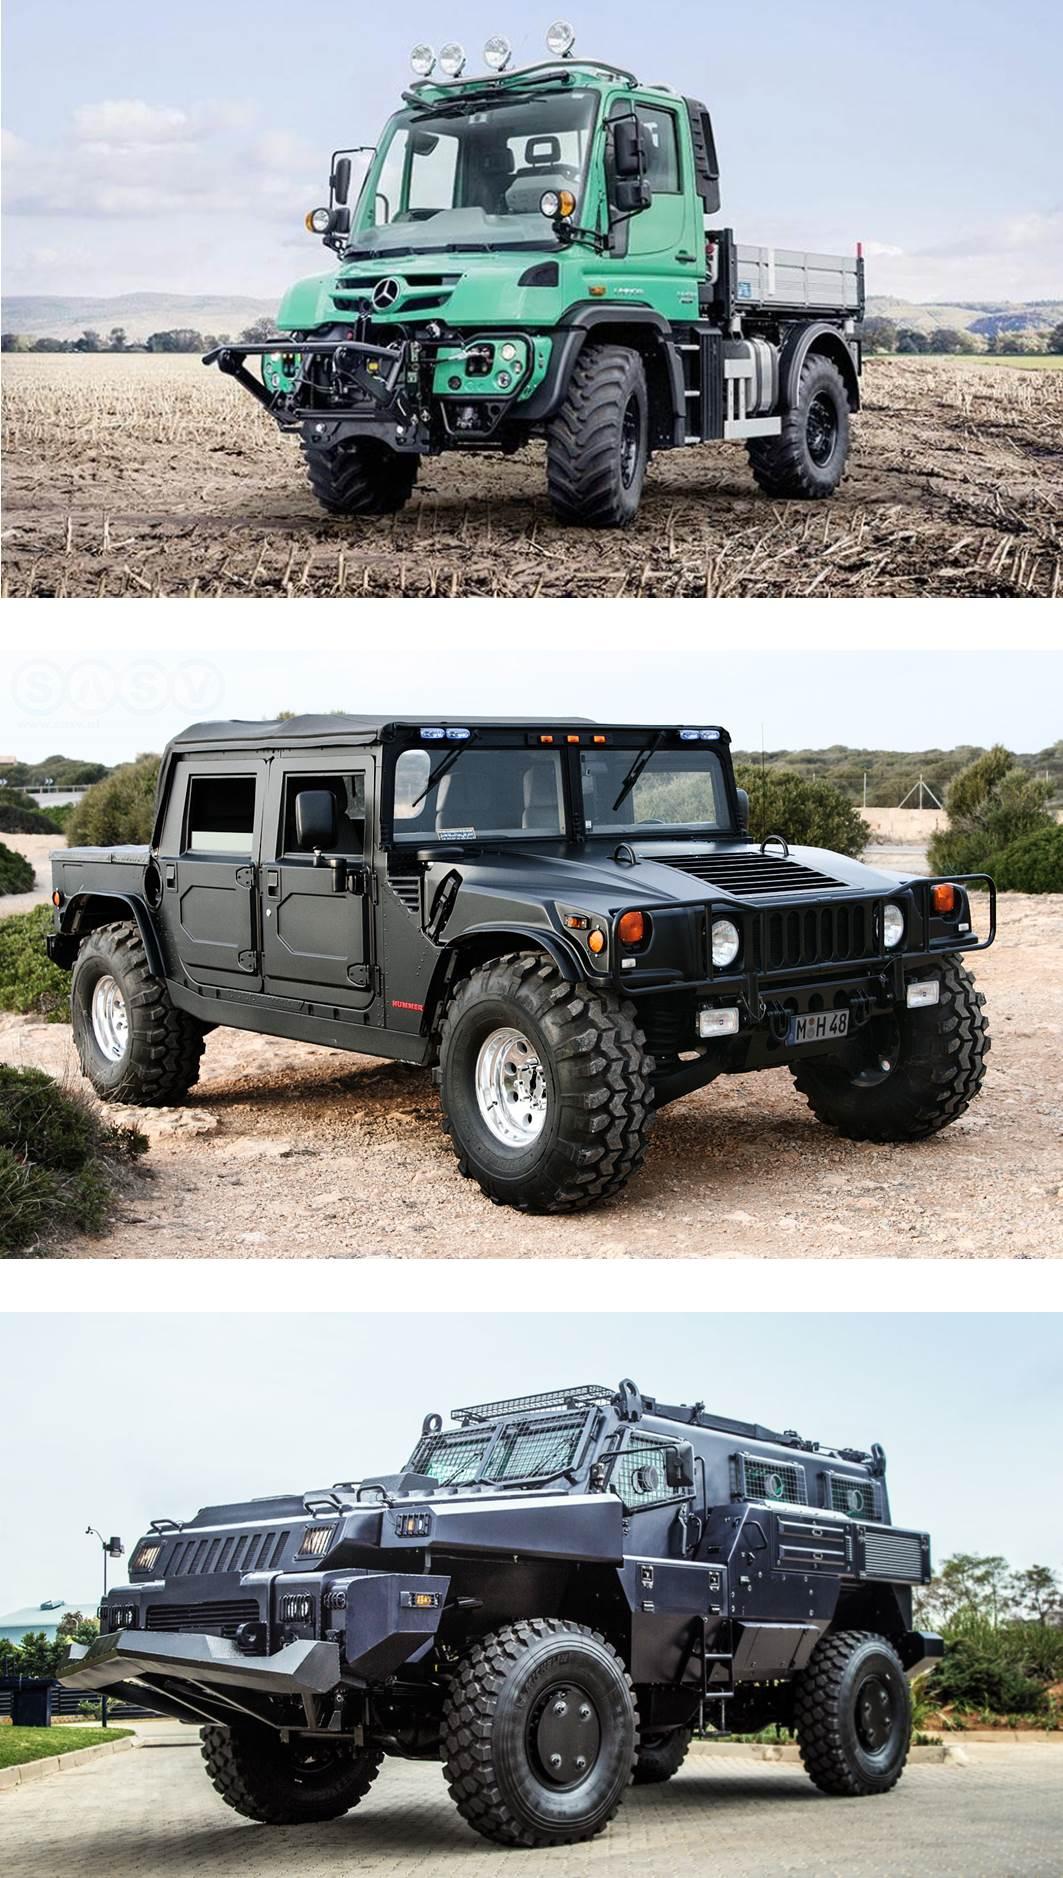 De cima para baixo: Unimog, Hummer H1 e Paramount Marauder.